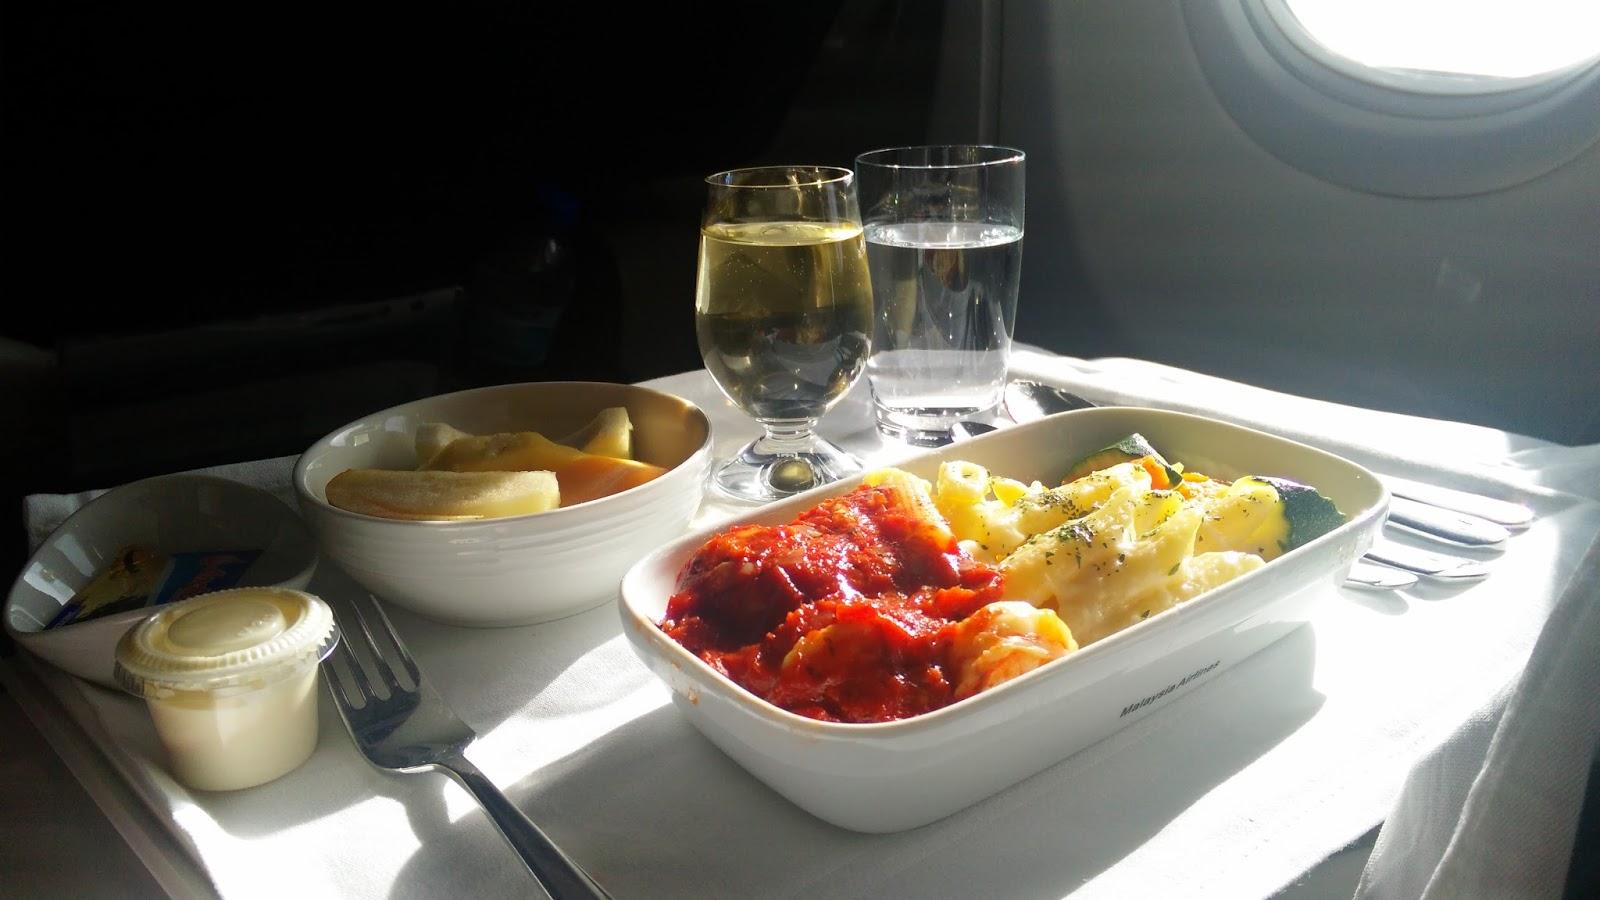 黑老闆說︱空姐說他們供應的是早午餐,不是早餐,所以還有主菜,今天吃的是明蝦筆管麵。